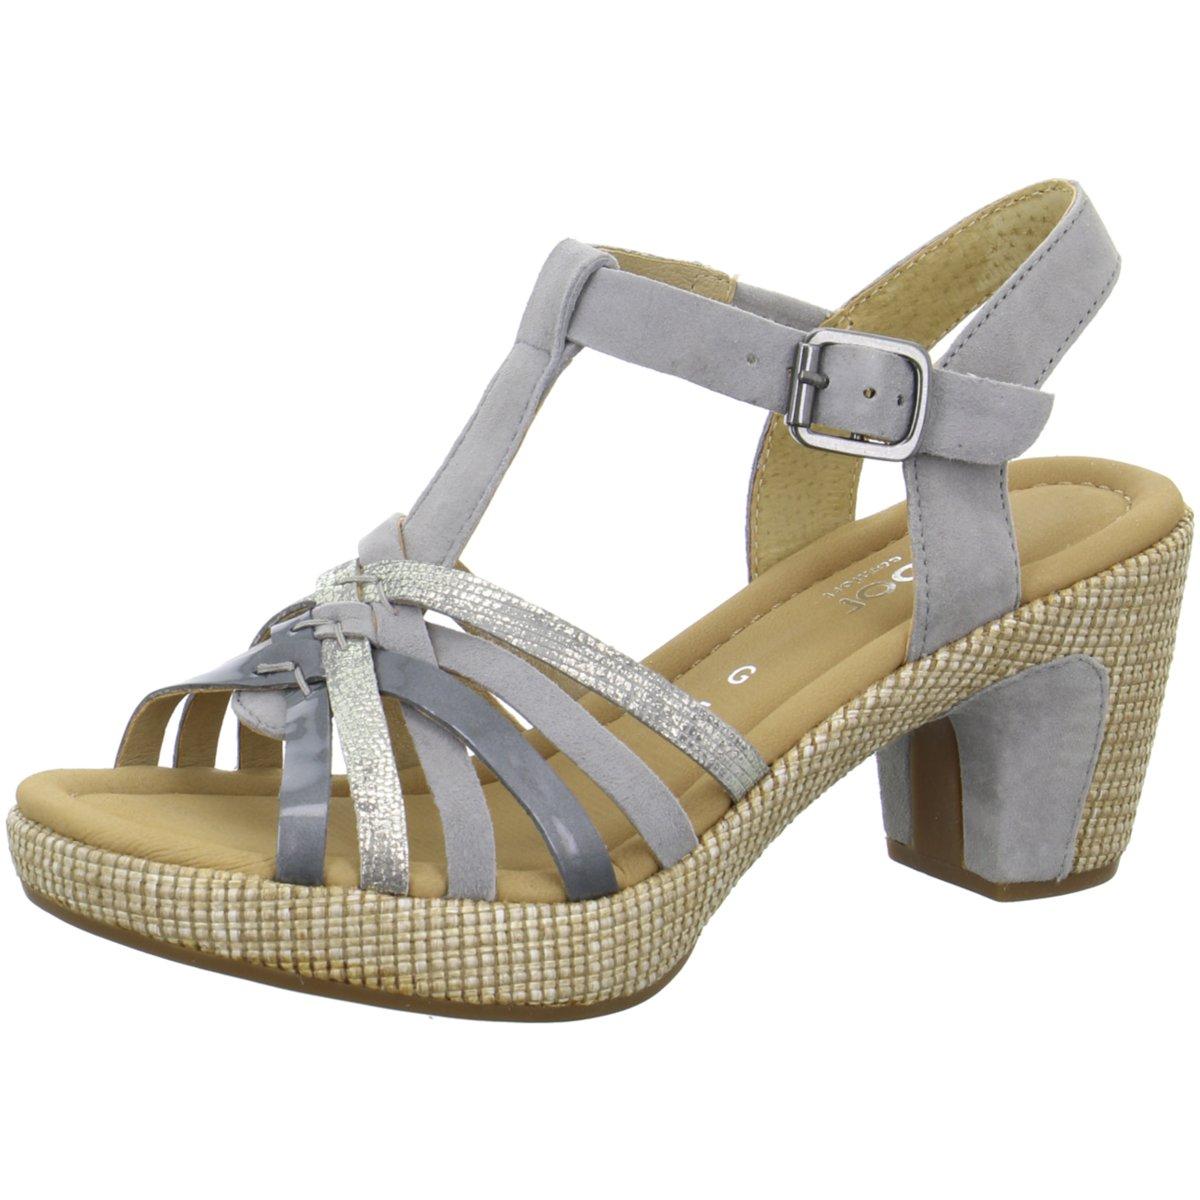 Gabor Shoes Damen Comfort Basic Pumps, 57 SchwarzSteel, 43